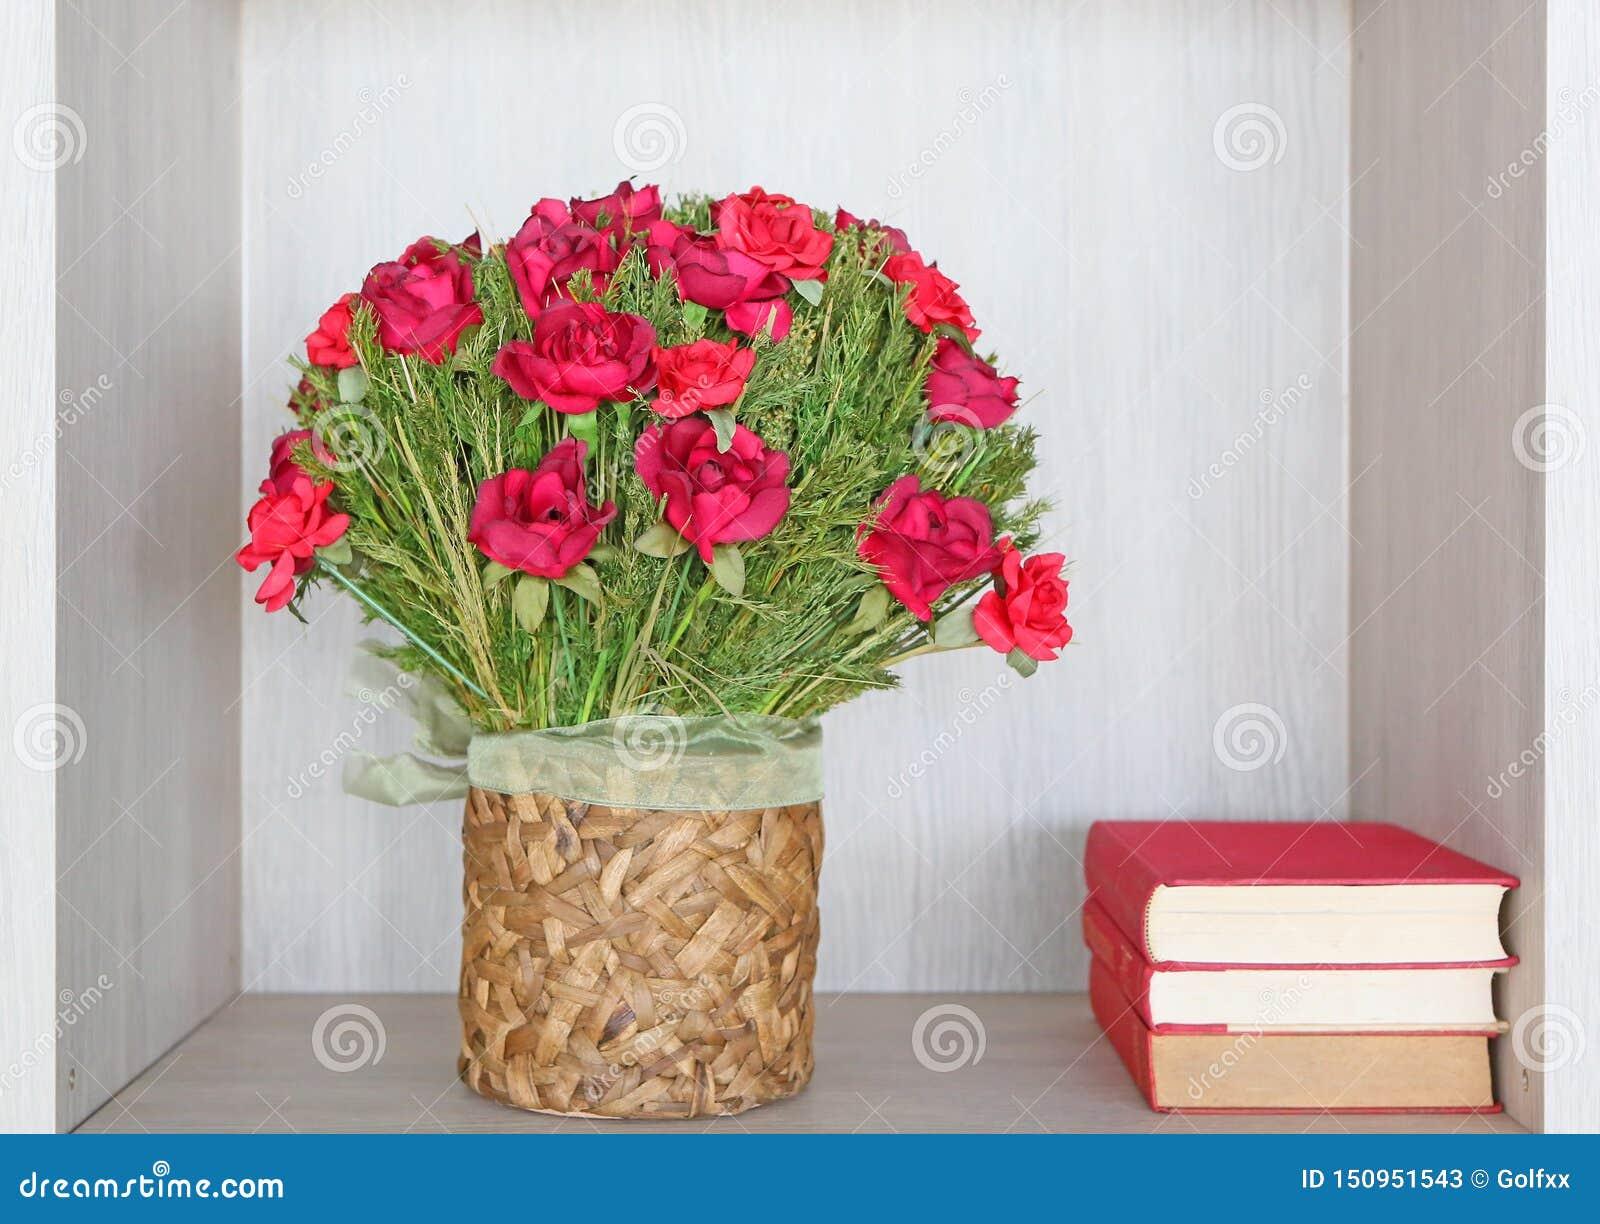 Bukiet sztuczne czerwone róże wewnątrz przetwarza wazę i książki